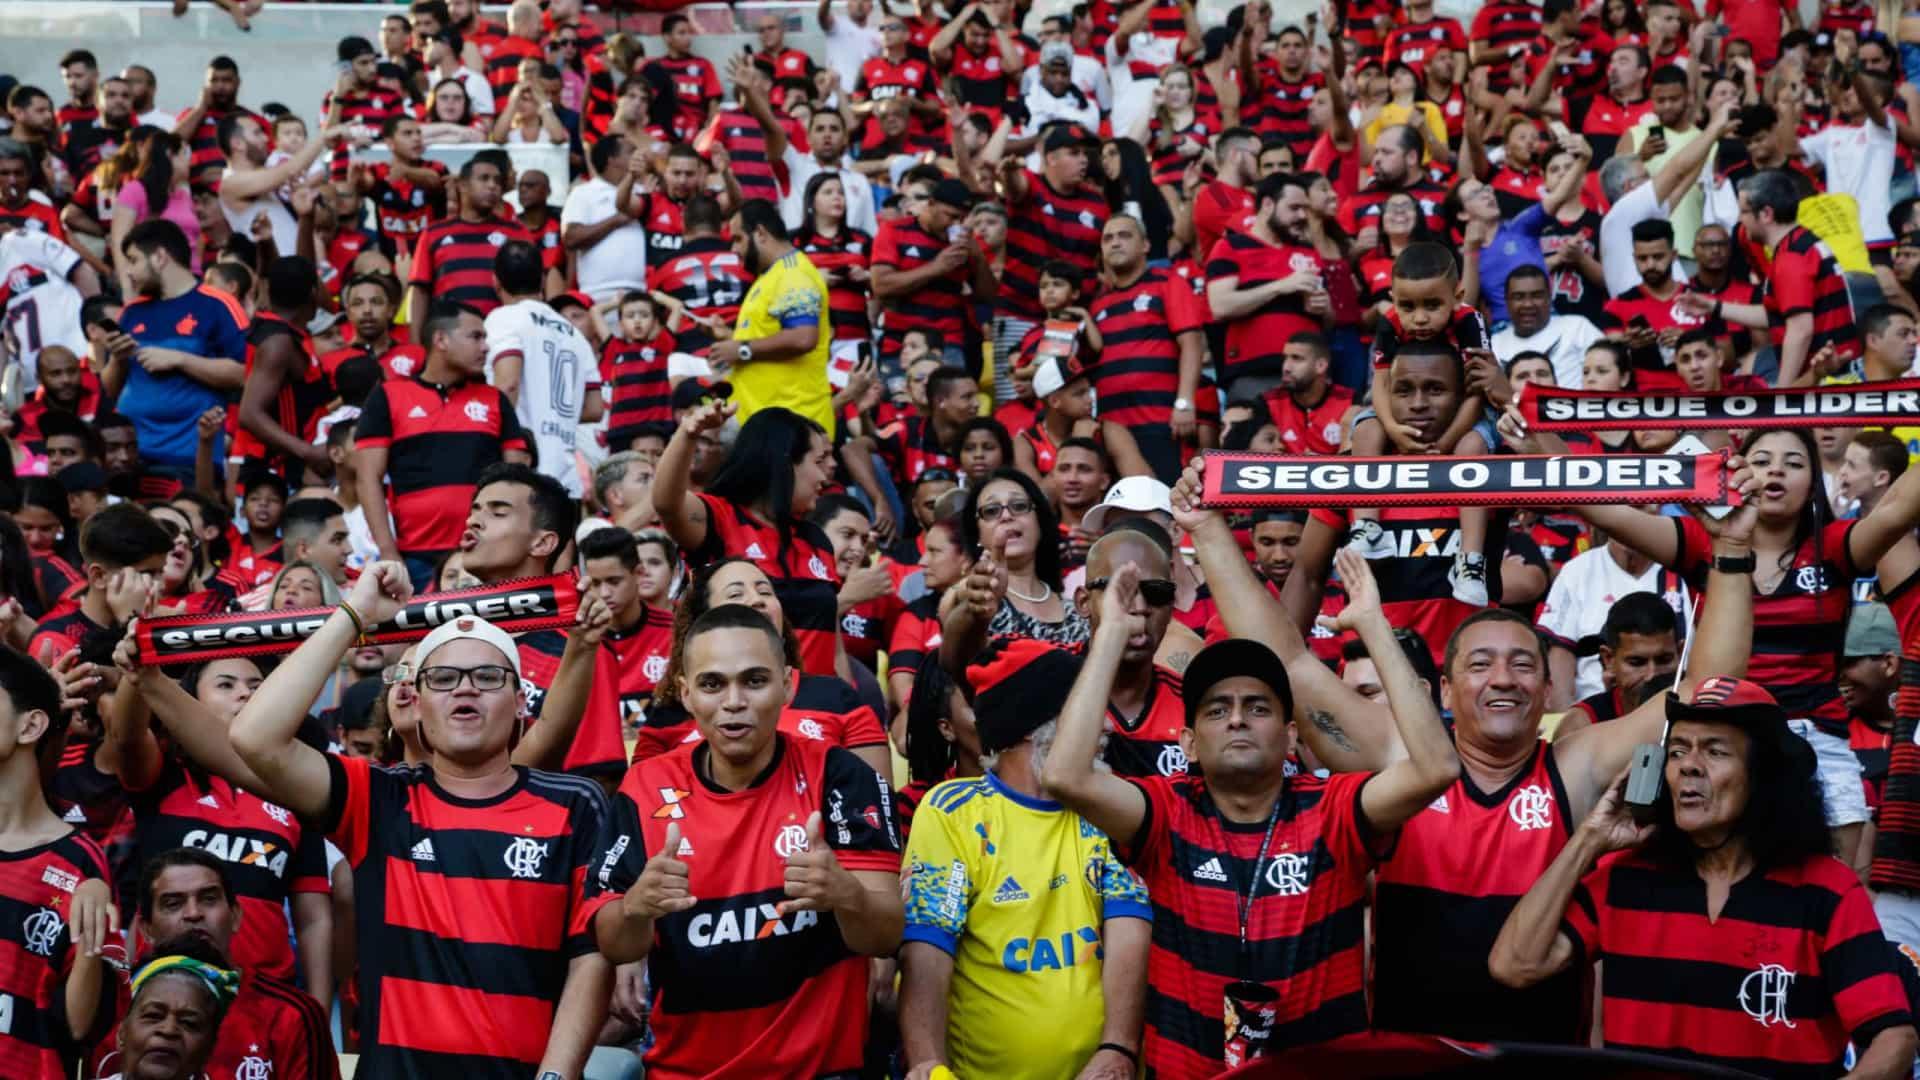 naom 5f0704c04075d - Ferj define que finais do Carioca serão domingo e quarta no Maracanã